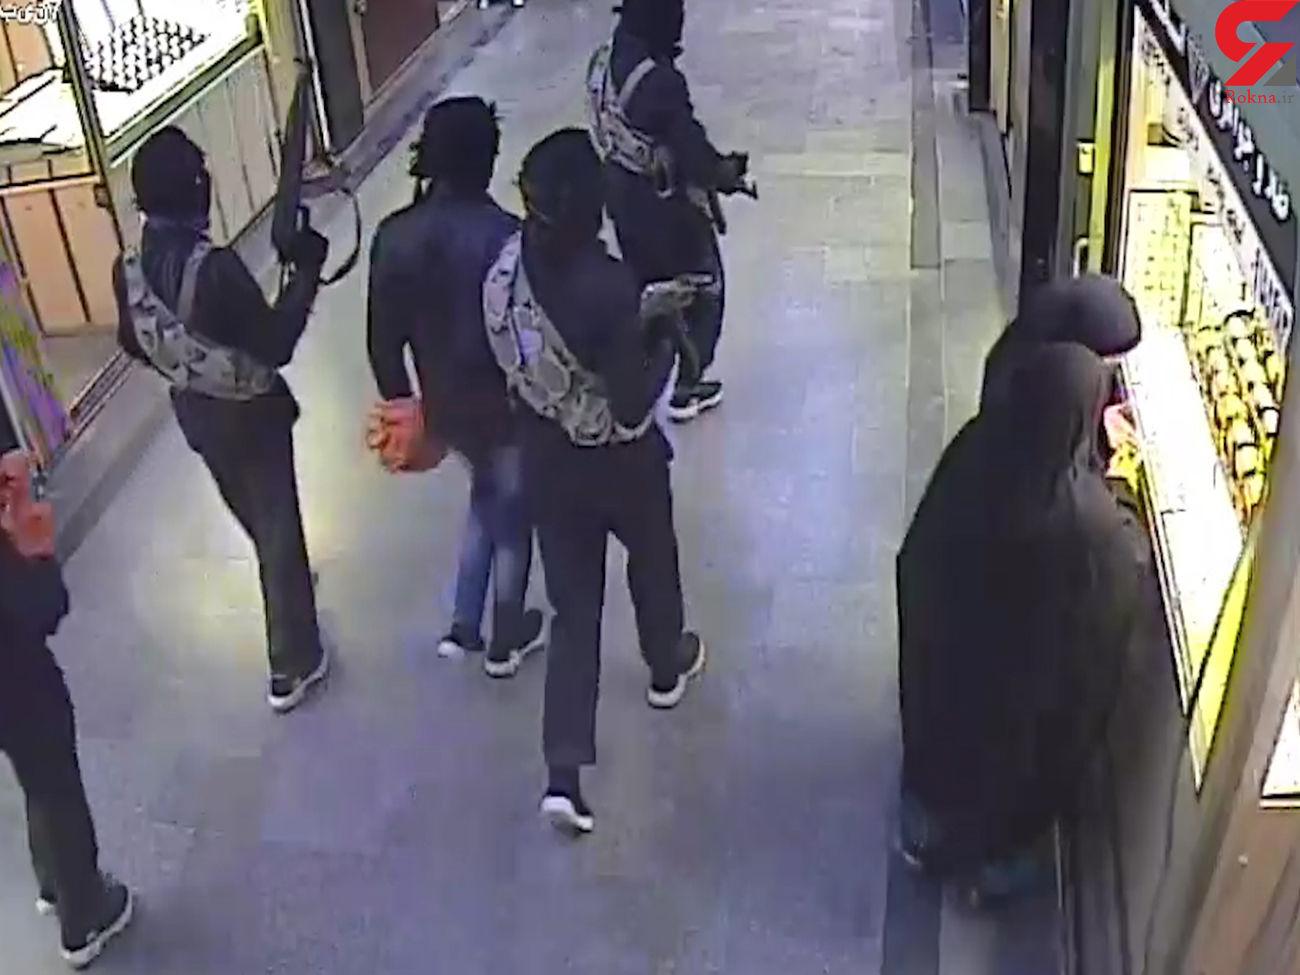 فیلم 16+ / لحظه سرقت مسلحانه مردان سیاهپوش از پاساژ طلای سراوان